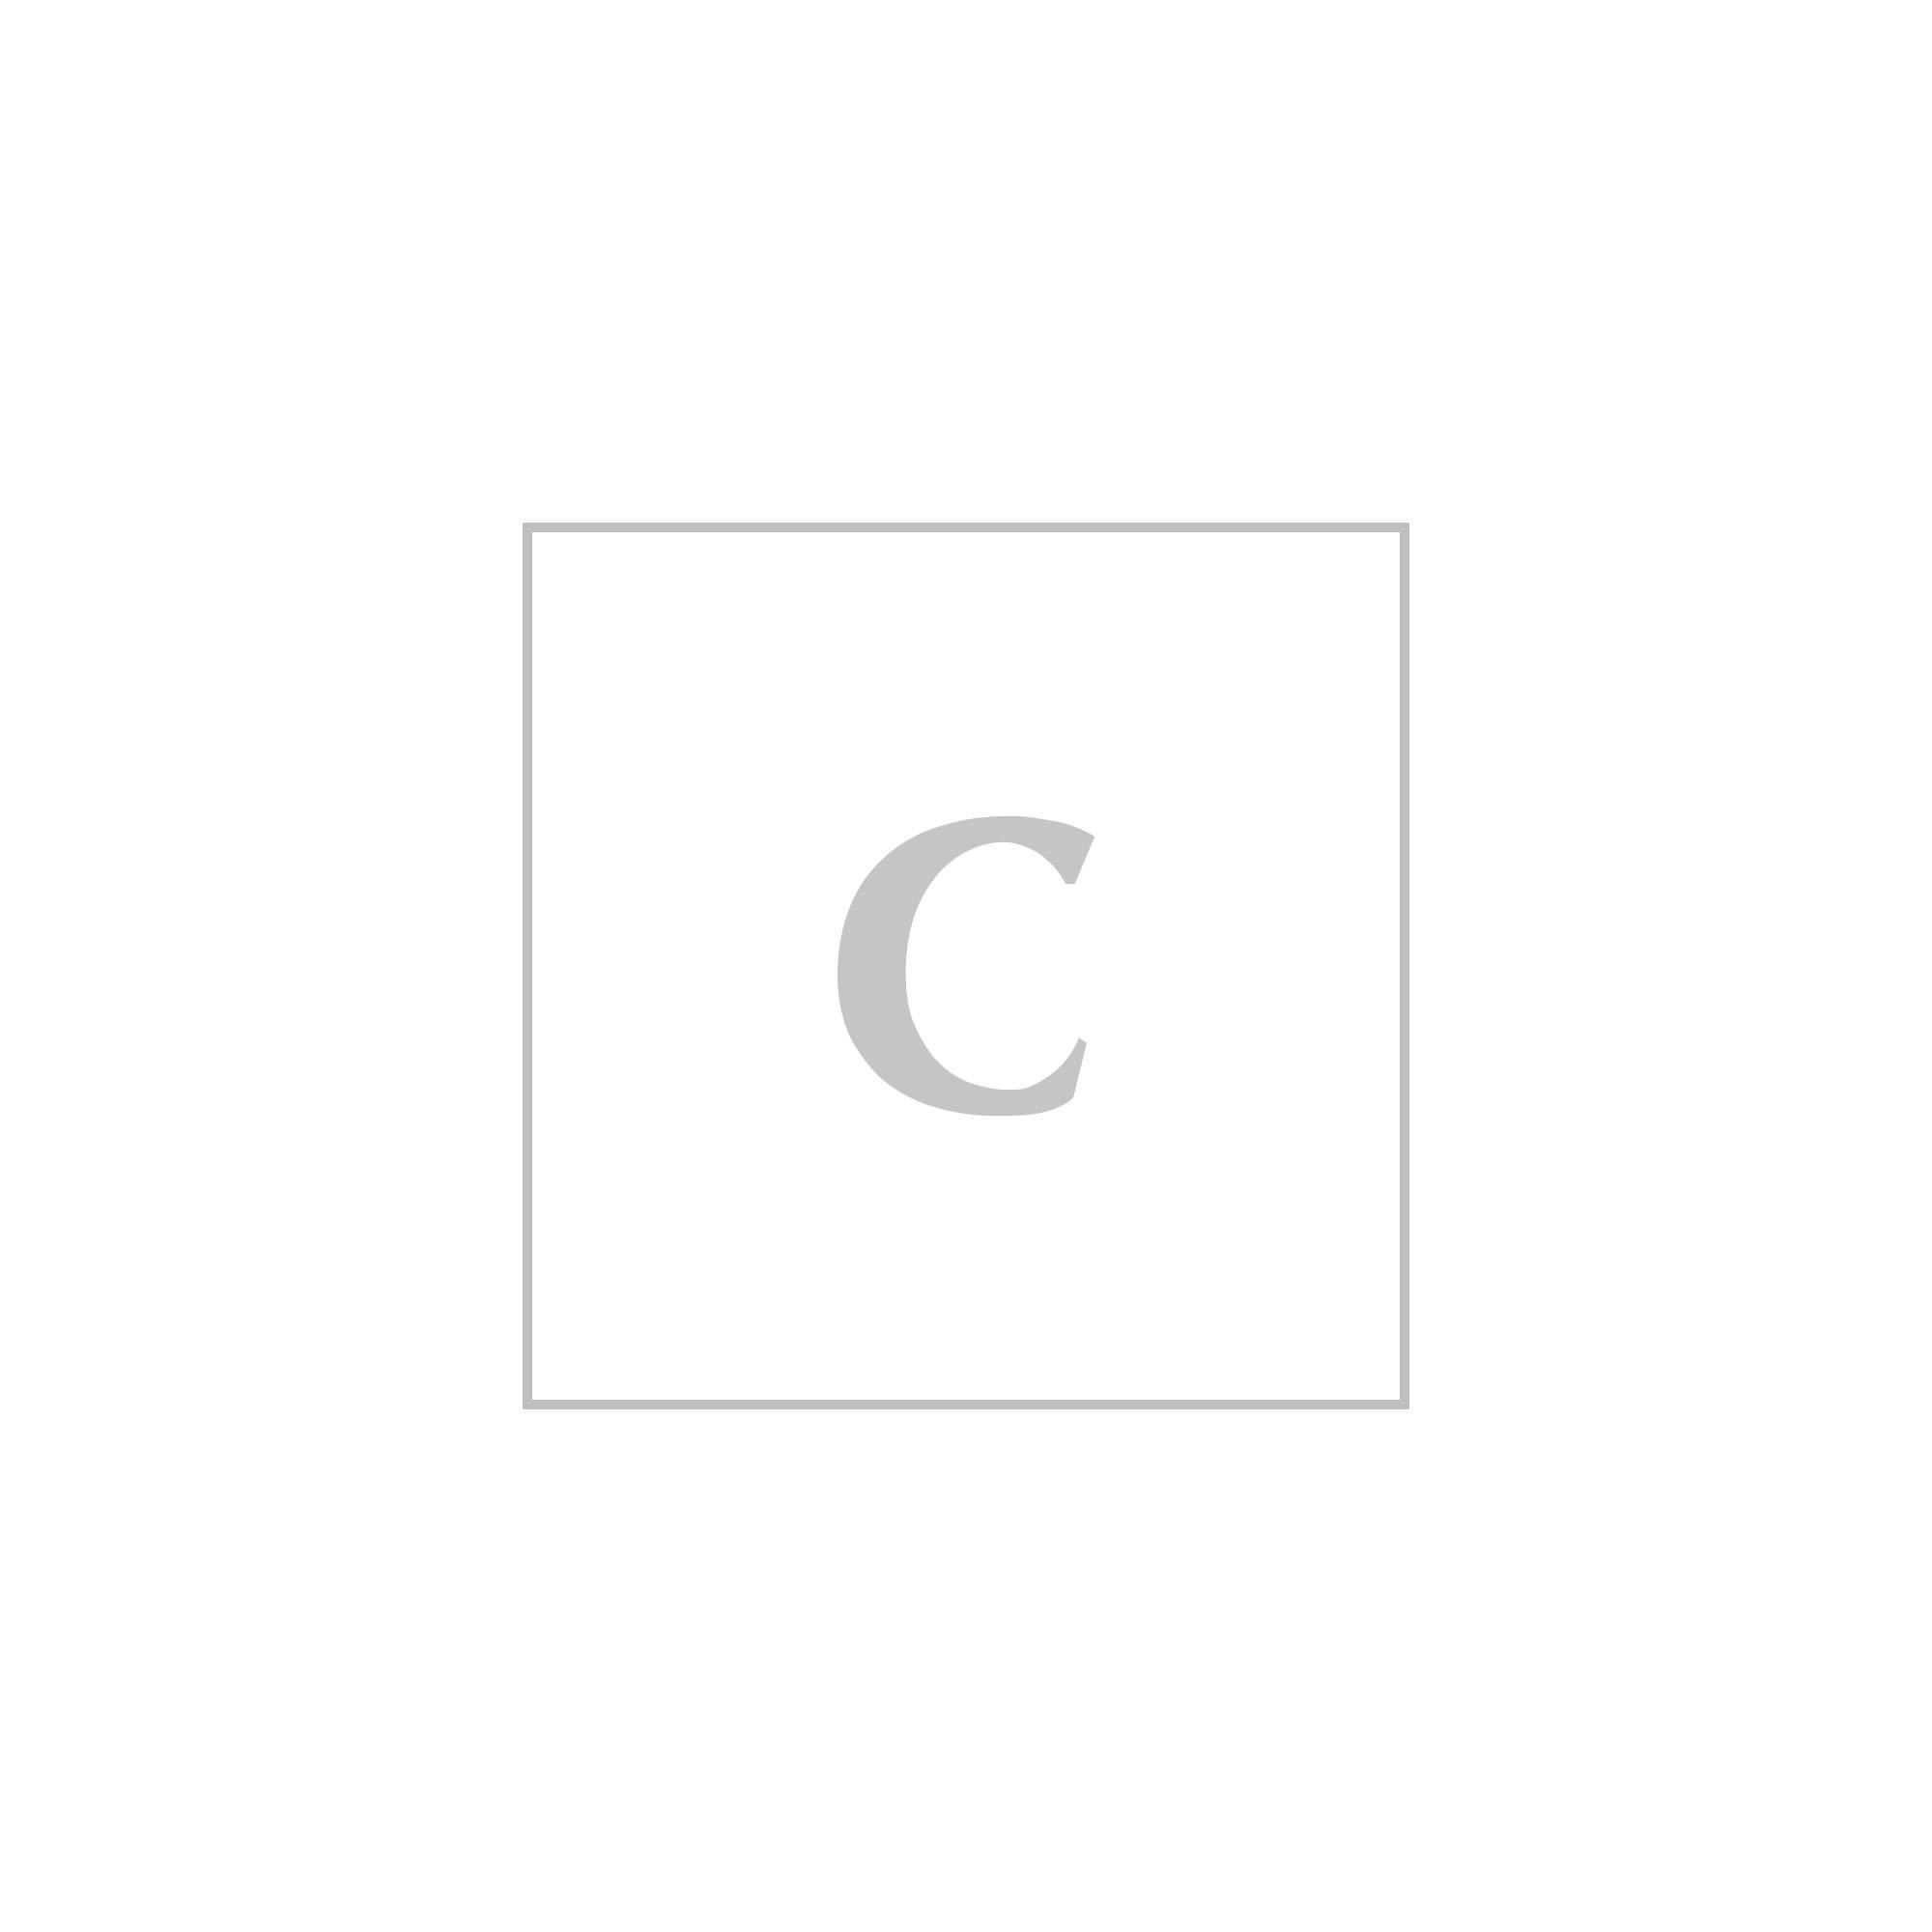 Salvatore ferragamo p.foglio 22b481 010 tissu soft squadrato